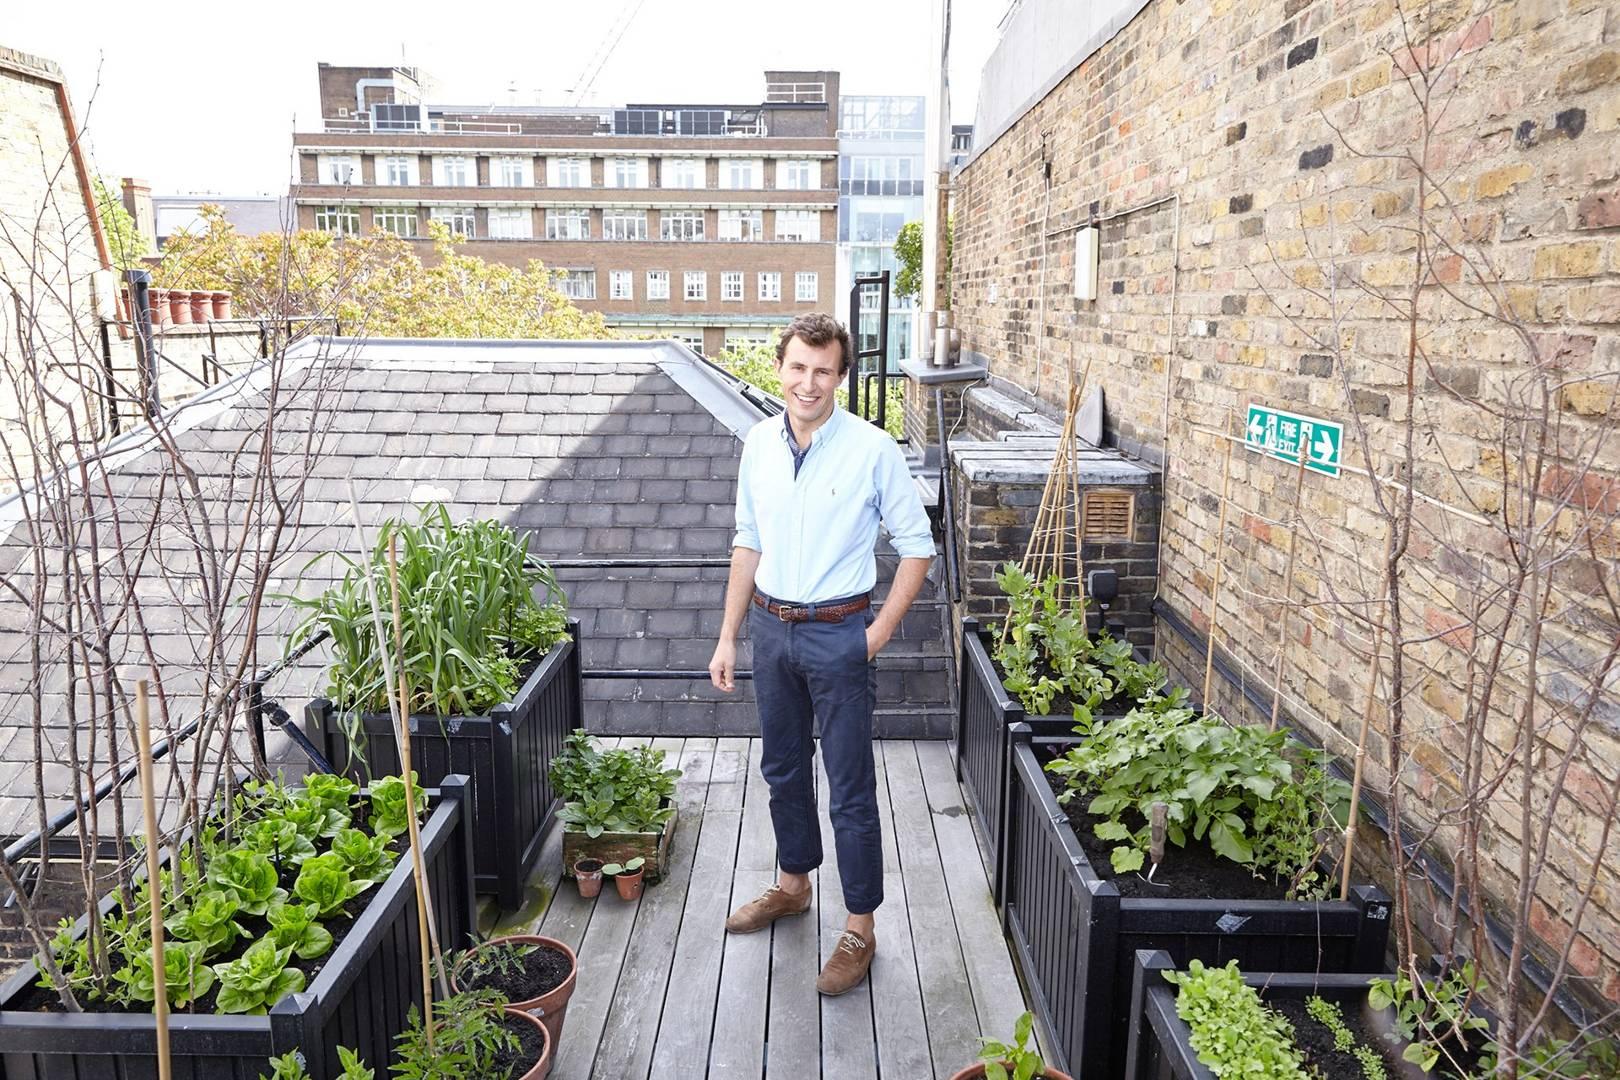 Balcony garden ideas  House & Garden